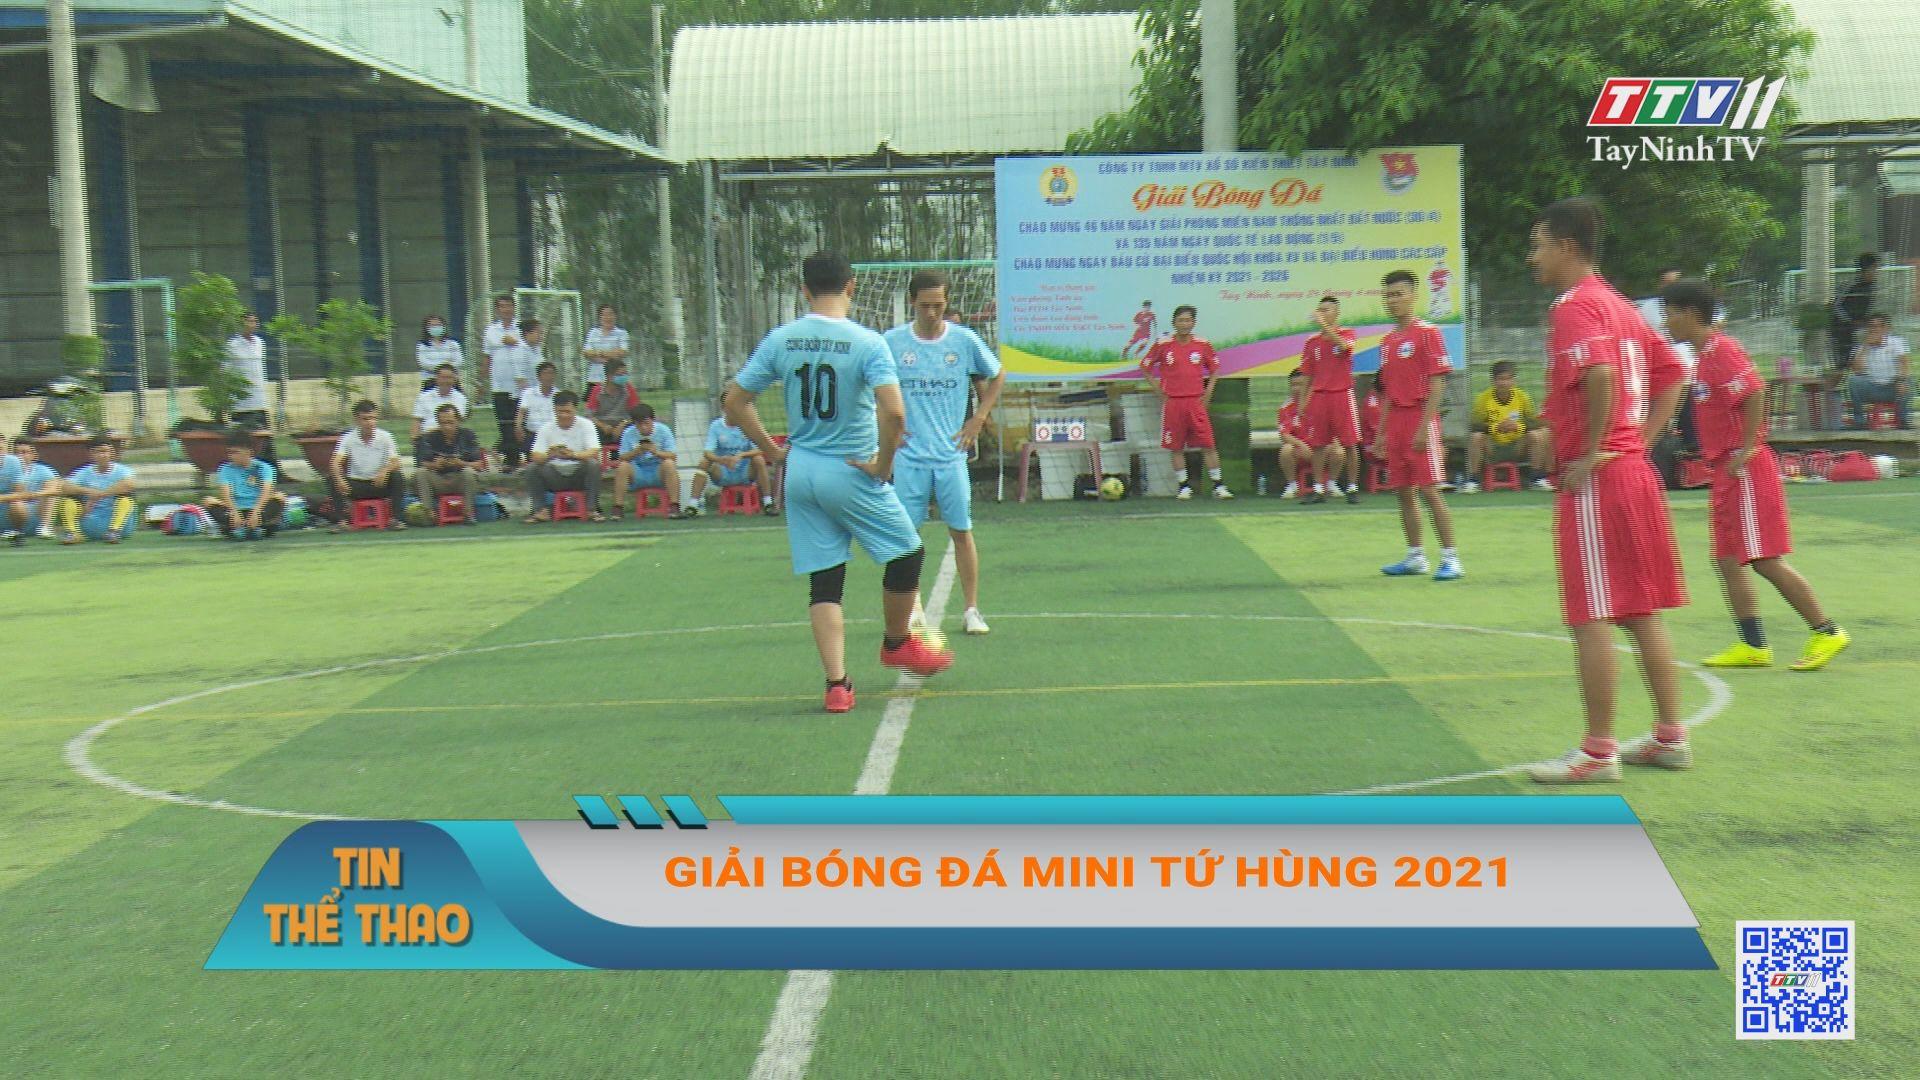 Cty TNHH MTV Xổ Số Kiến thiết Tây Ninh tổ chức giải bóng đá tứ hùng 2021   BẢN TIN THỂ THAO   TayNinhTVE